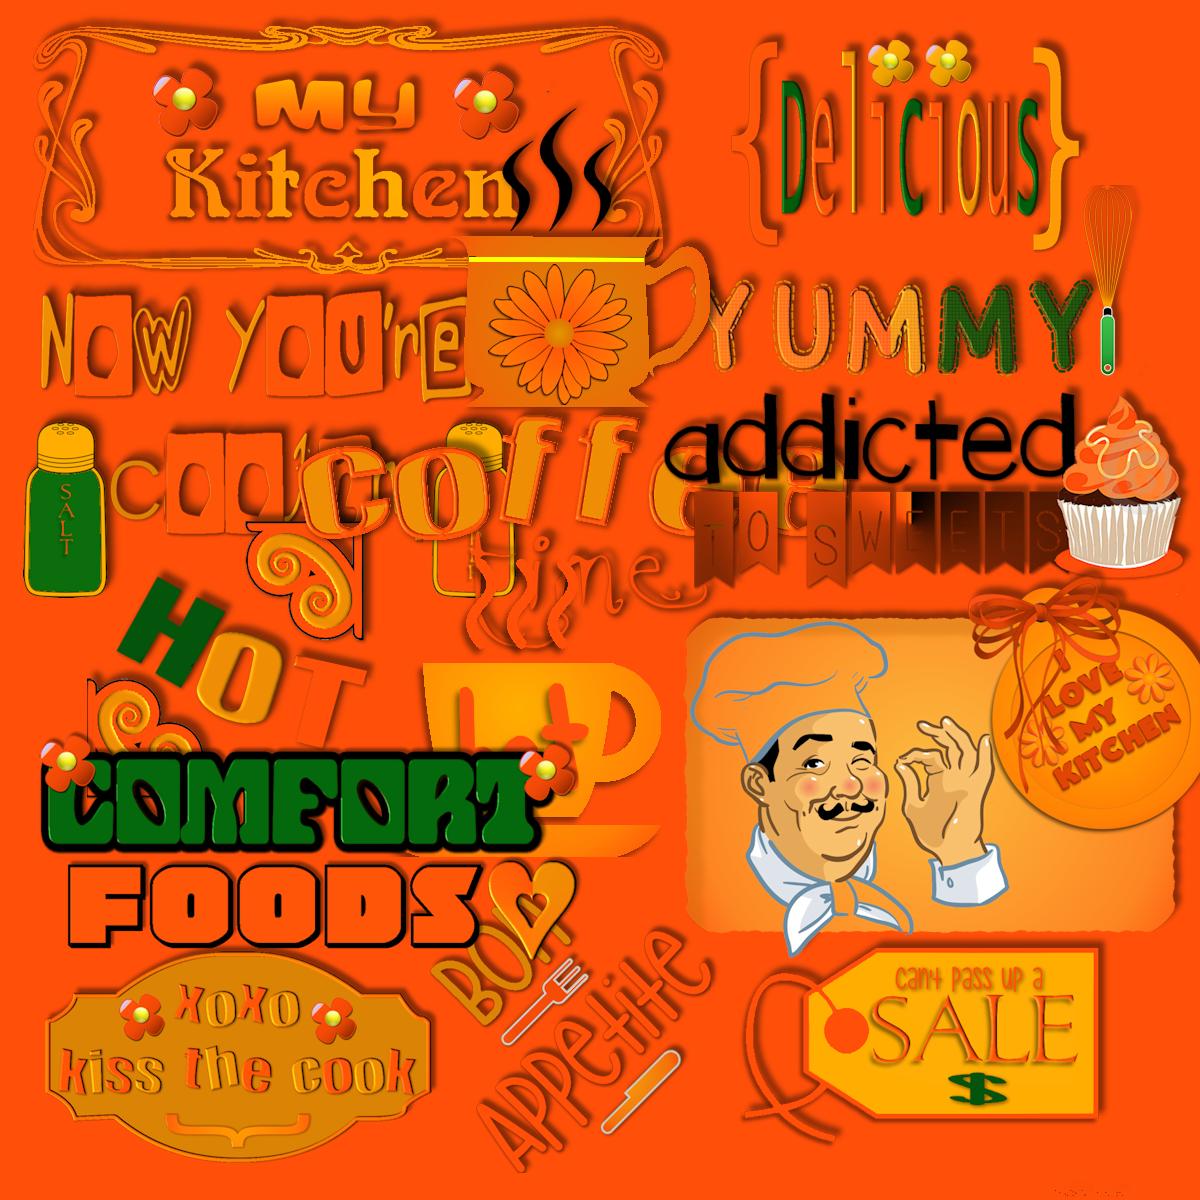 http://2.bp.blogspot.com/-5LXxEfQZxnA/Uz7P46DiNbI/AAAAAAAAEhE/VFefczG1_bA/s1600/comfort_foods_wordart_rainy.png